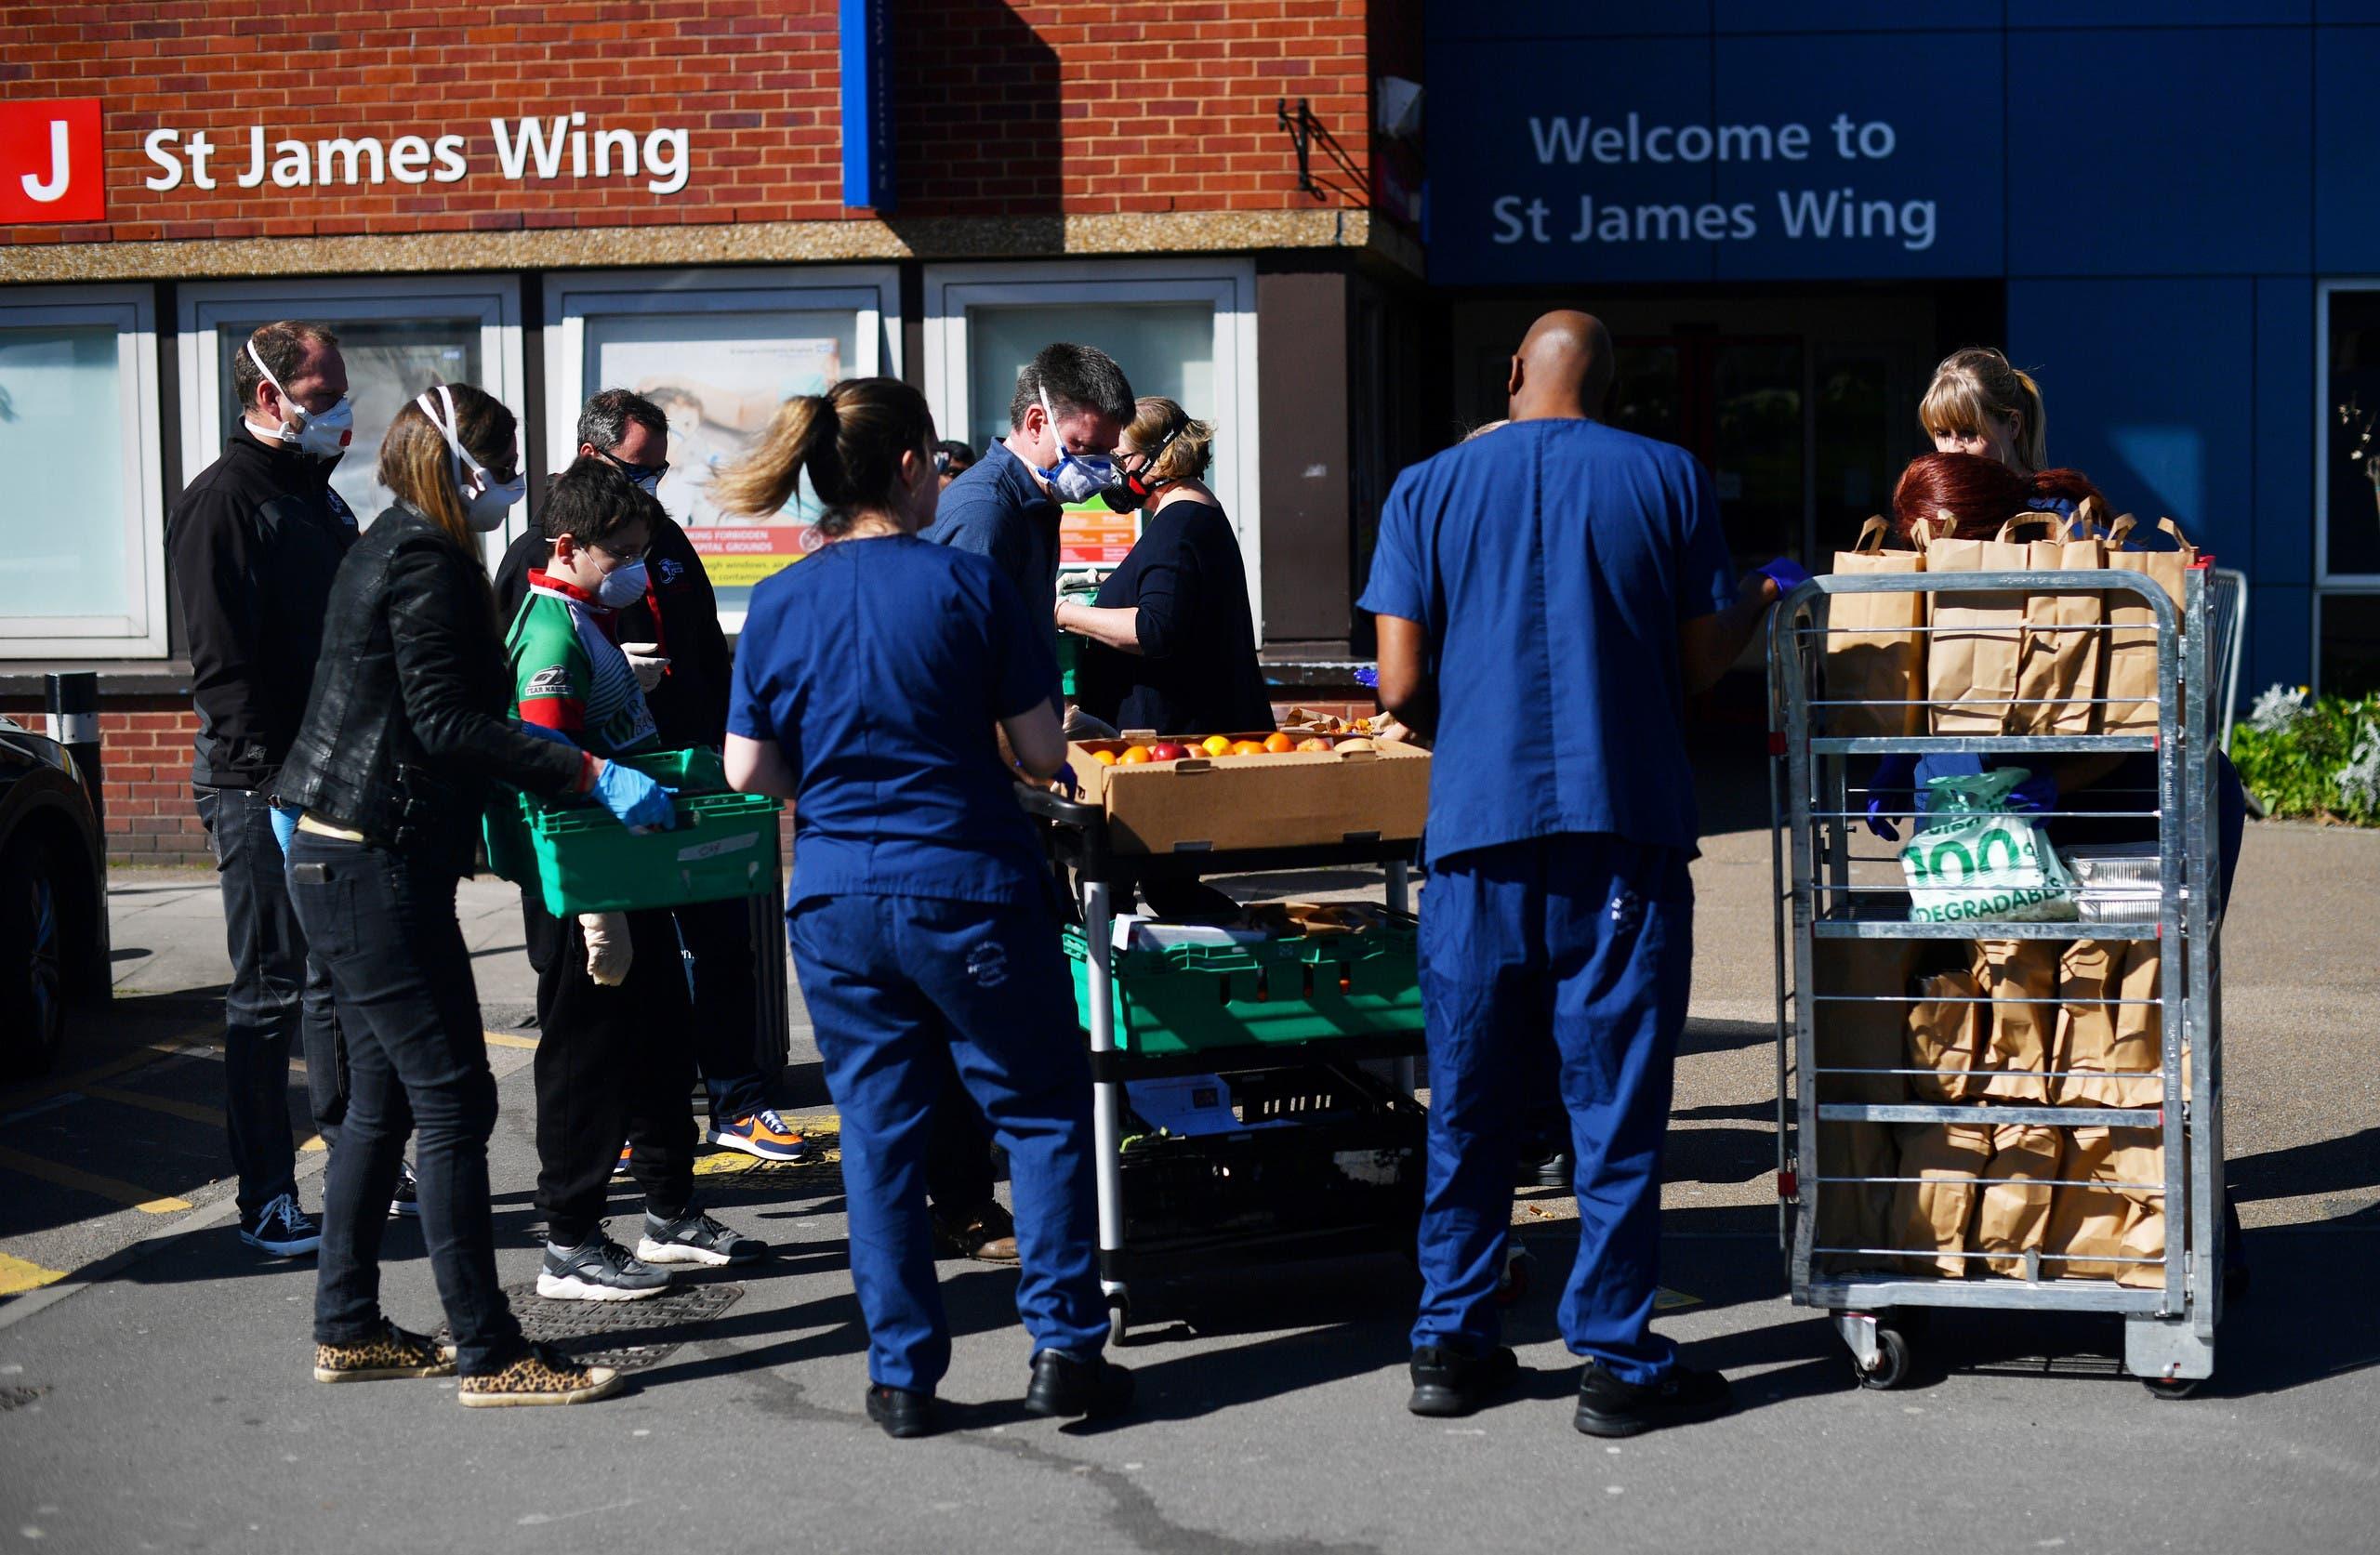 متطوعون يوصلون وجبات طعام إلى الممارسين الصحيين في أحد مستشفيات لندن